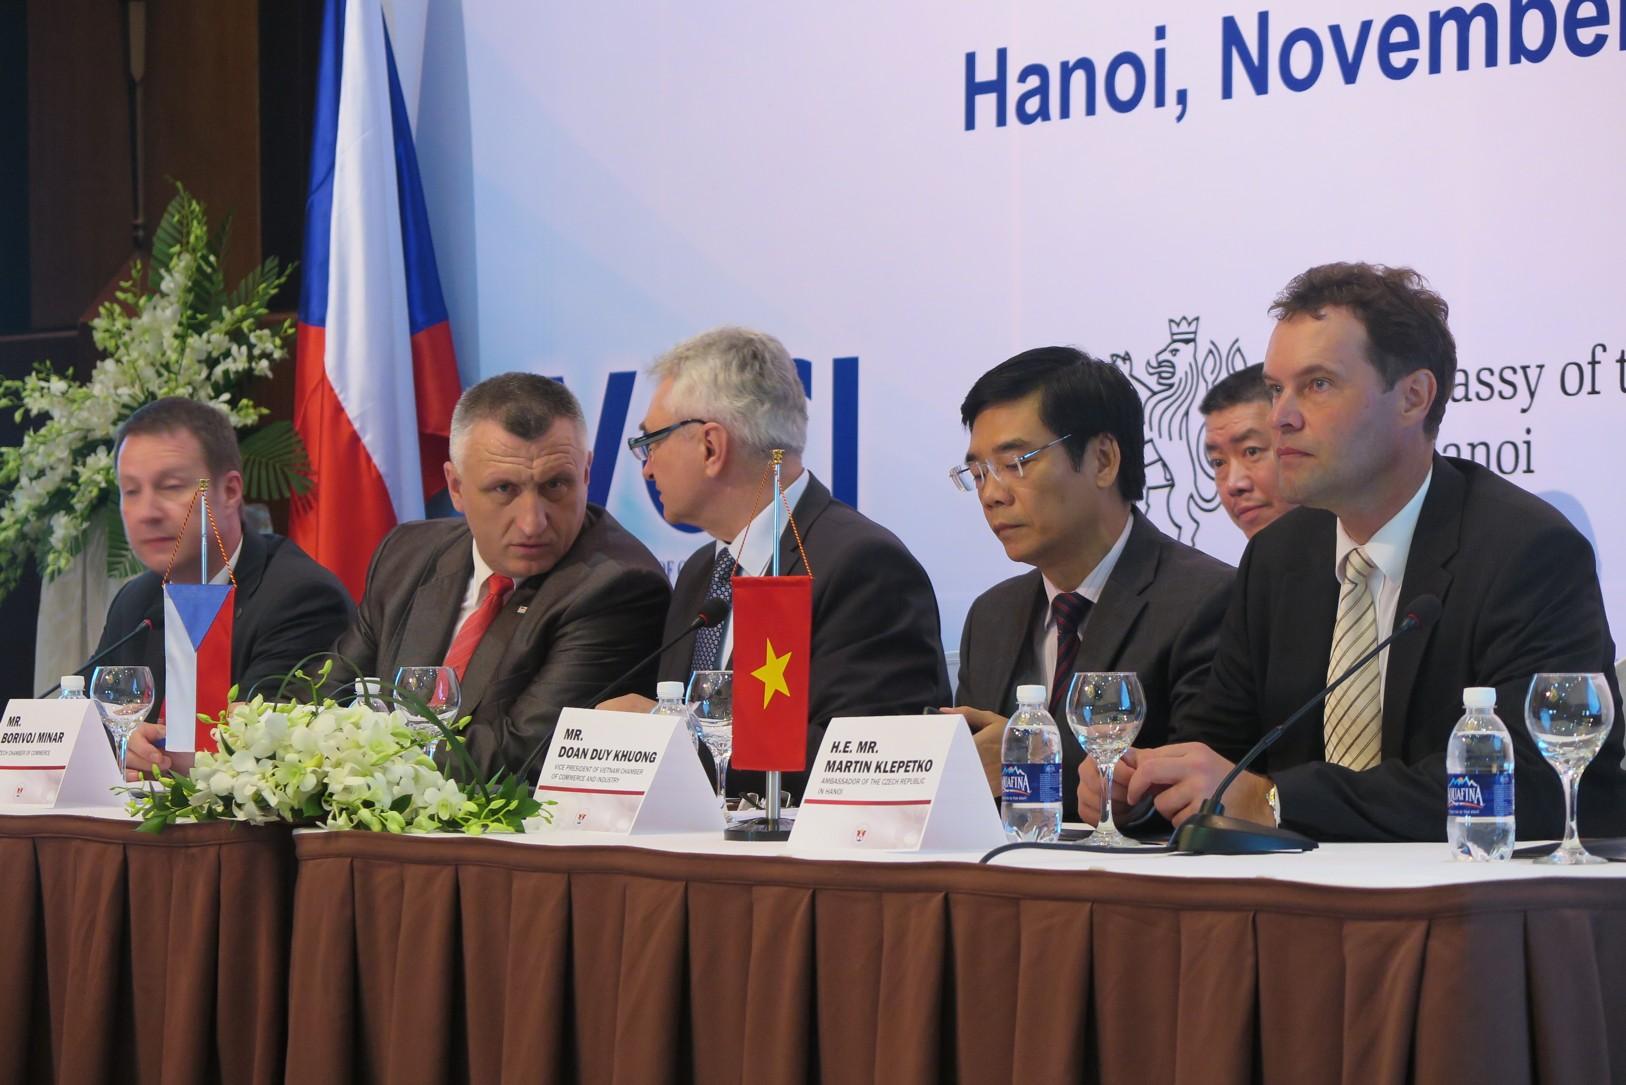 Podnikatelé se začali poohlížet po nových zaměstnancích také ve Vietnamu